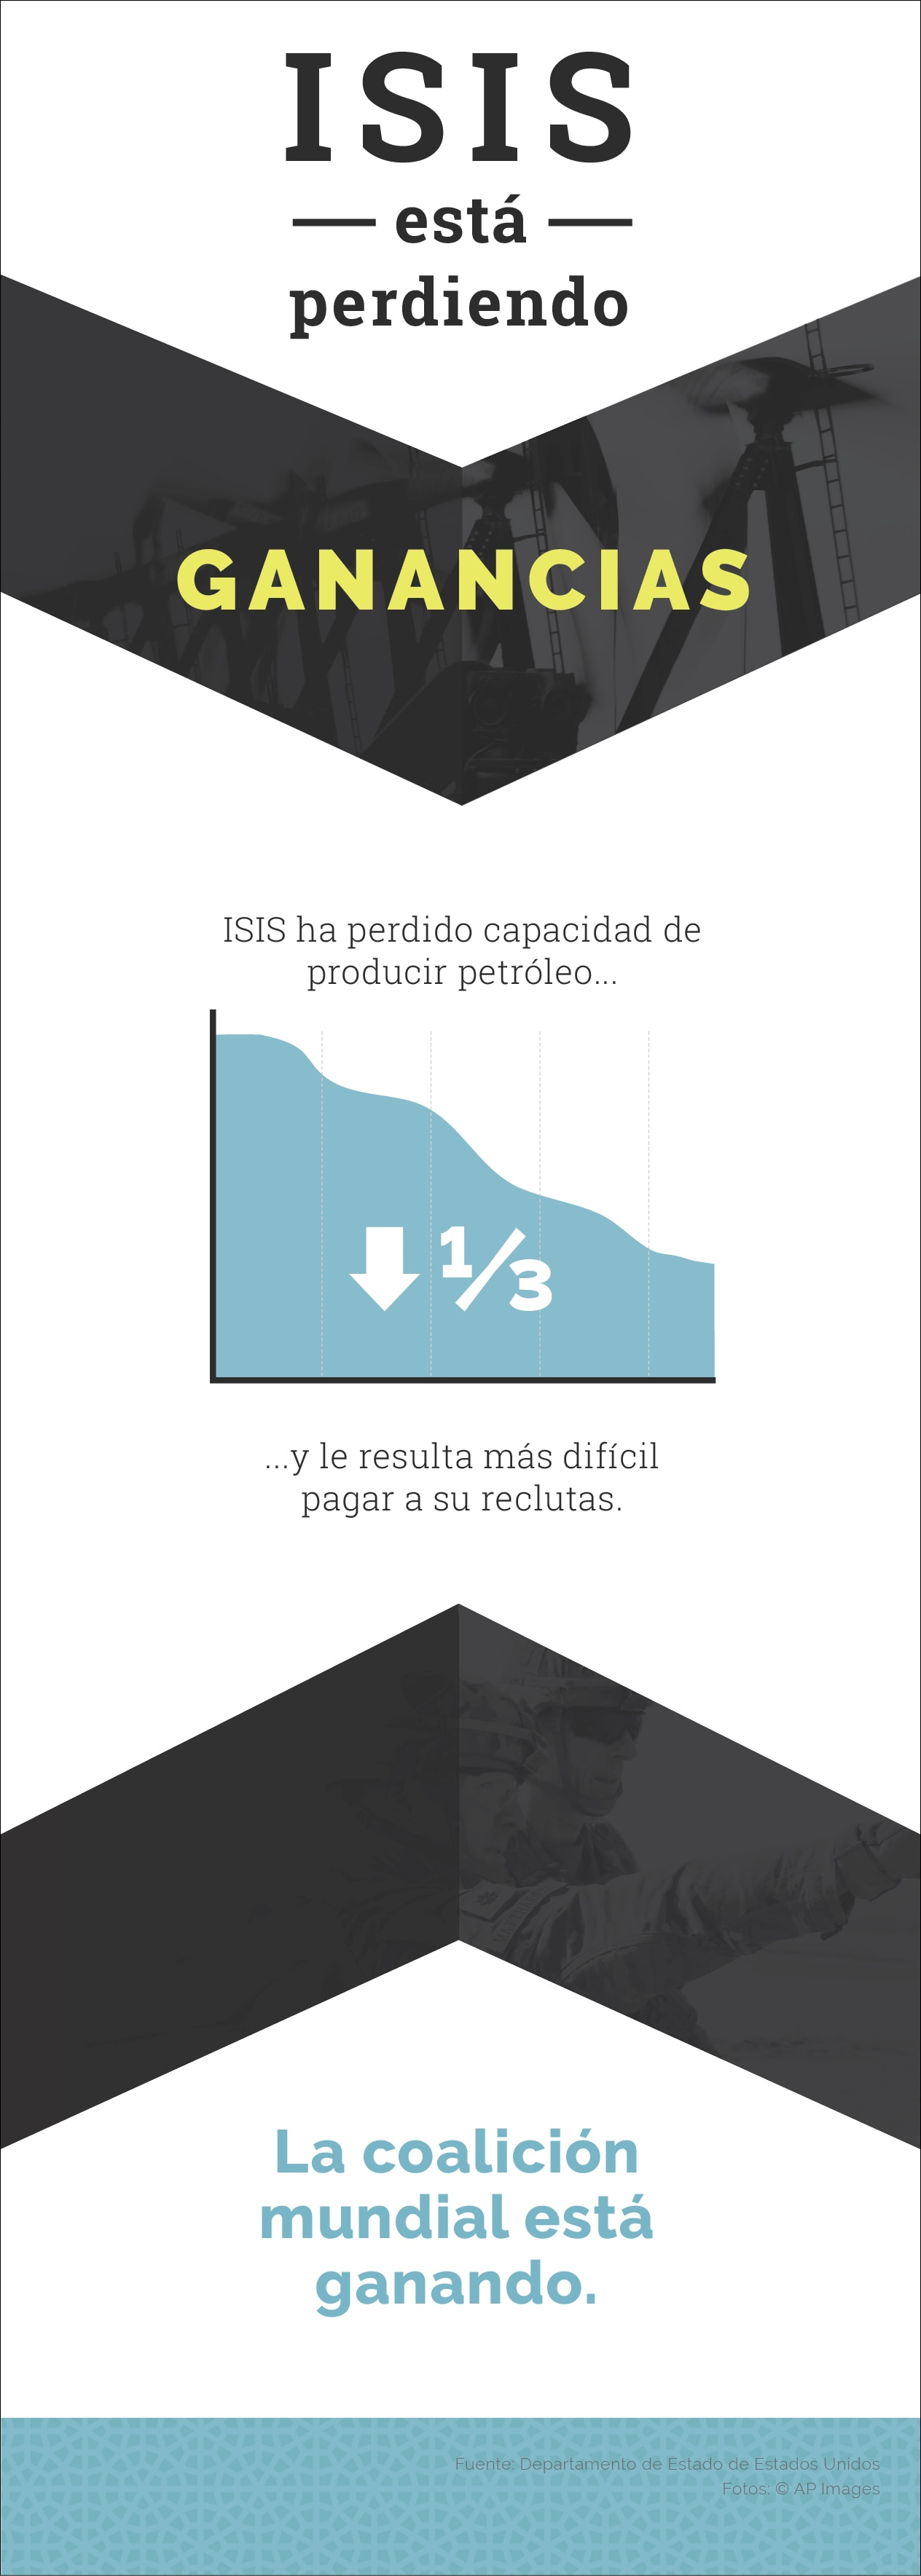 Gráfica muestra pérdida de ganancias de ISIS (Depto. de Estado)